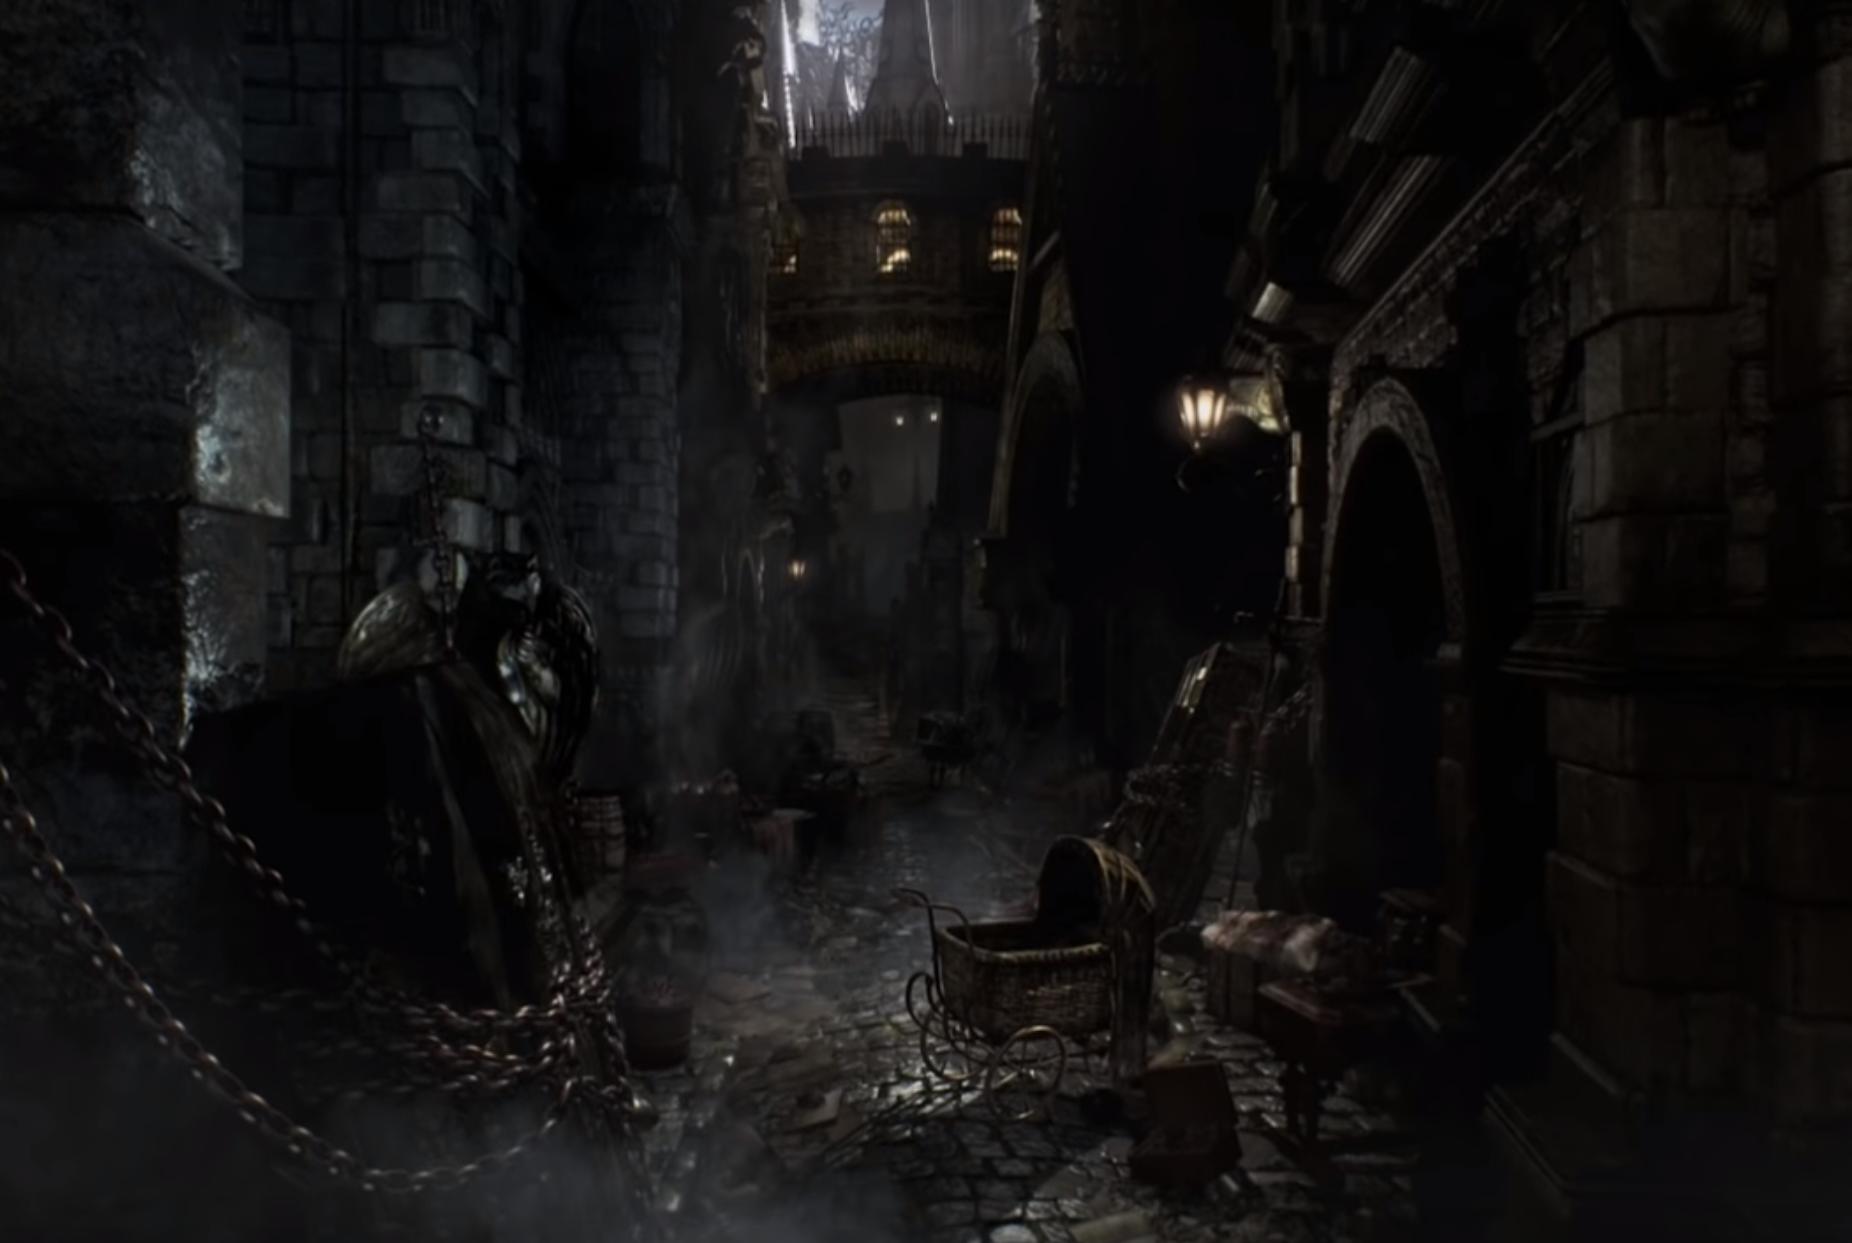 مکان مخفی جدیدی در بازی Bloodborne کشف شد